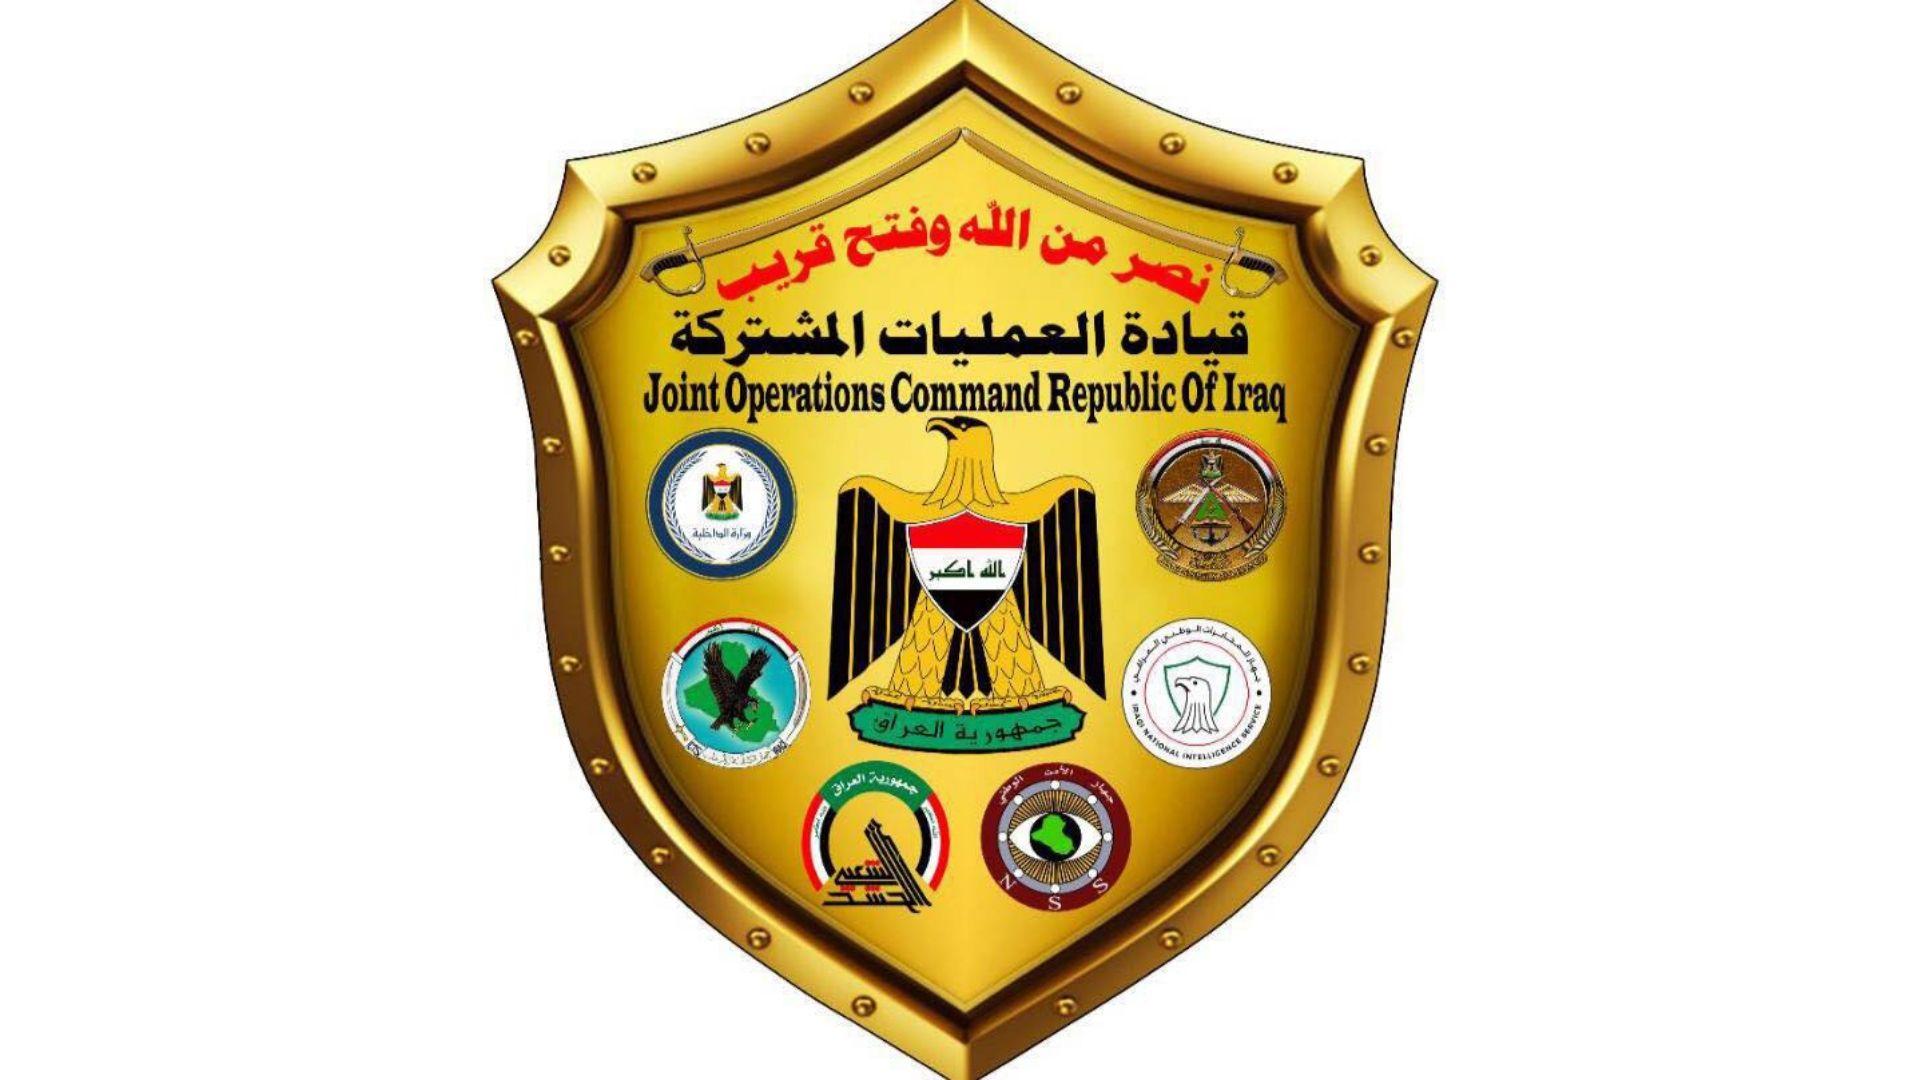 العمليات المشتركة تشرع بتخصيص قوات أمنية لجميع المنافذ